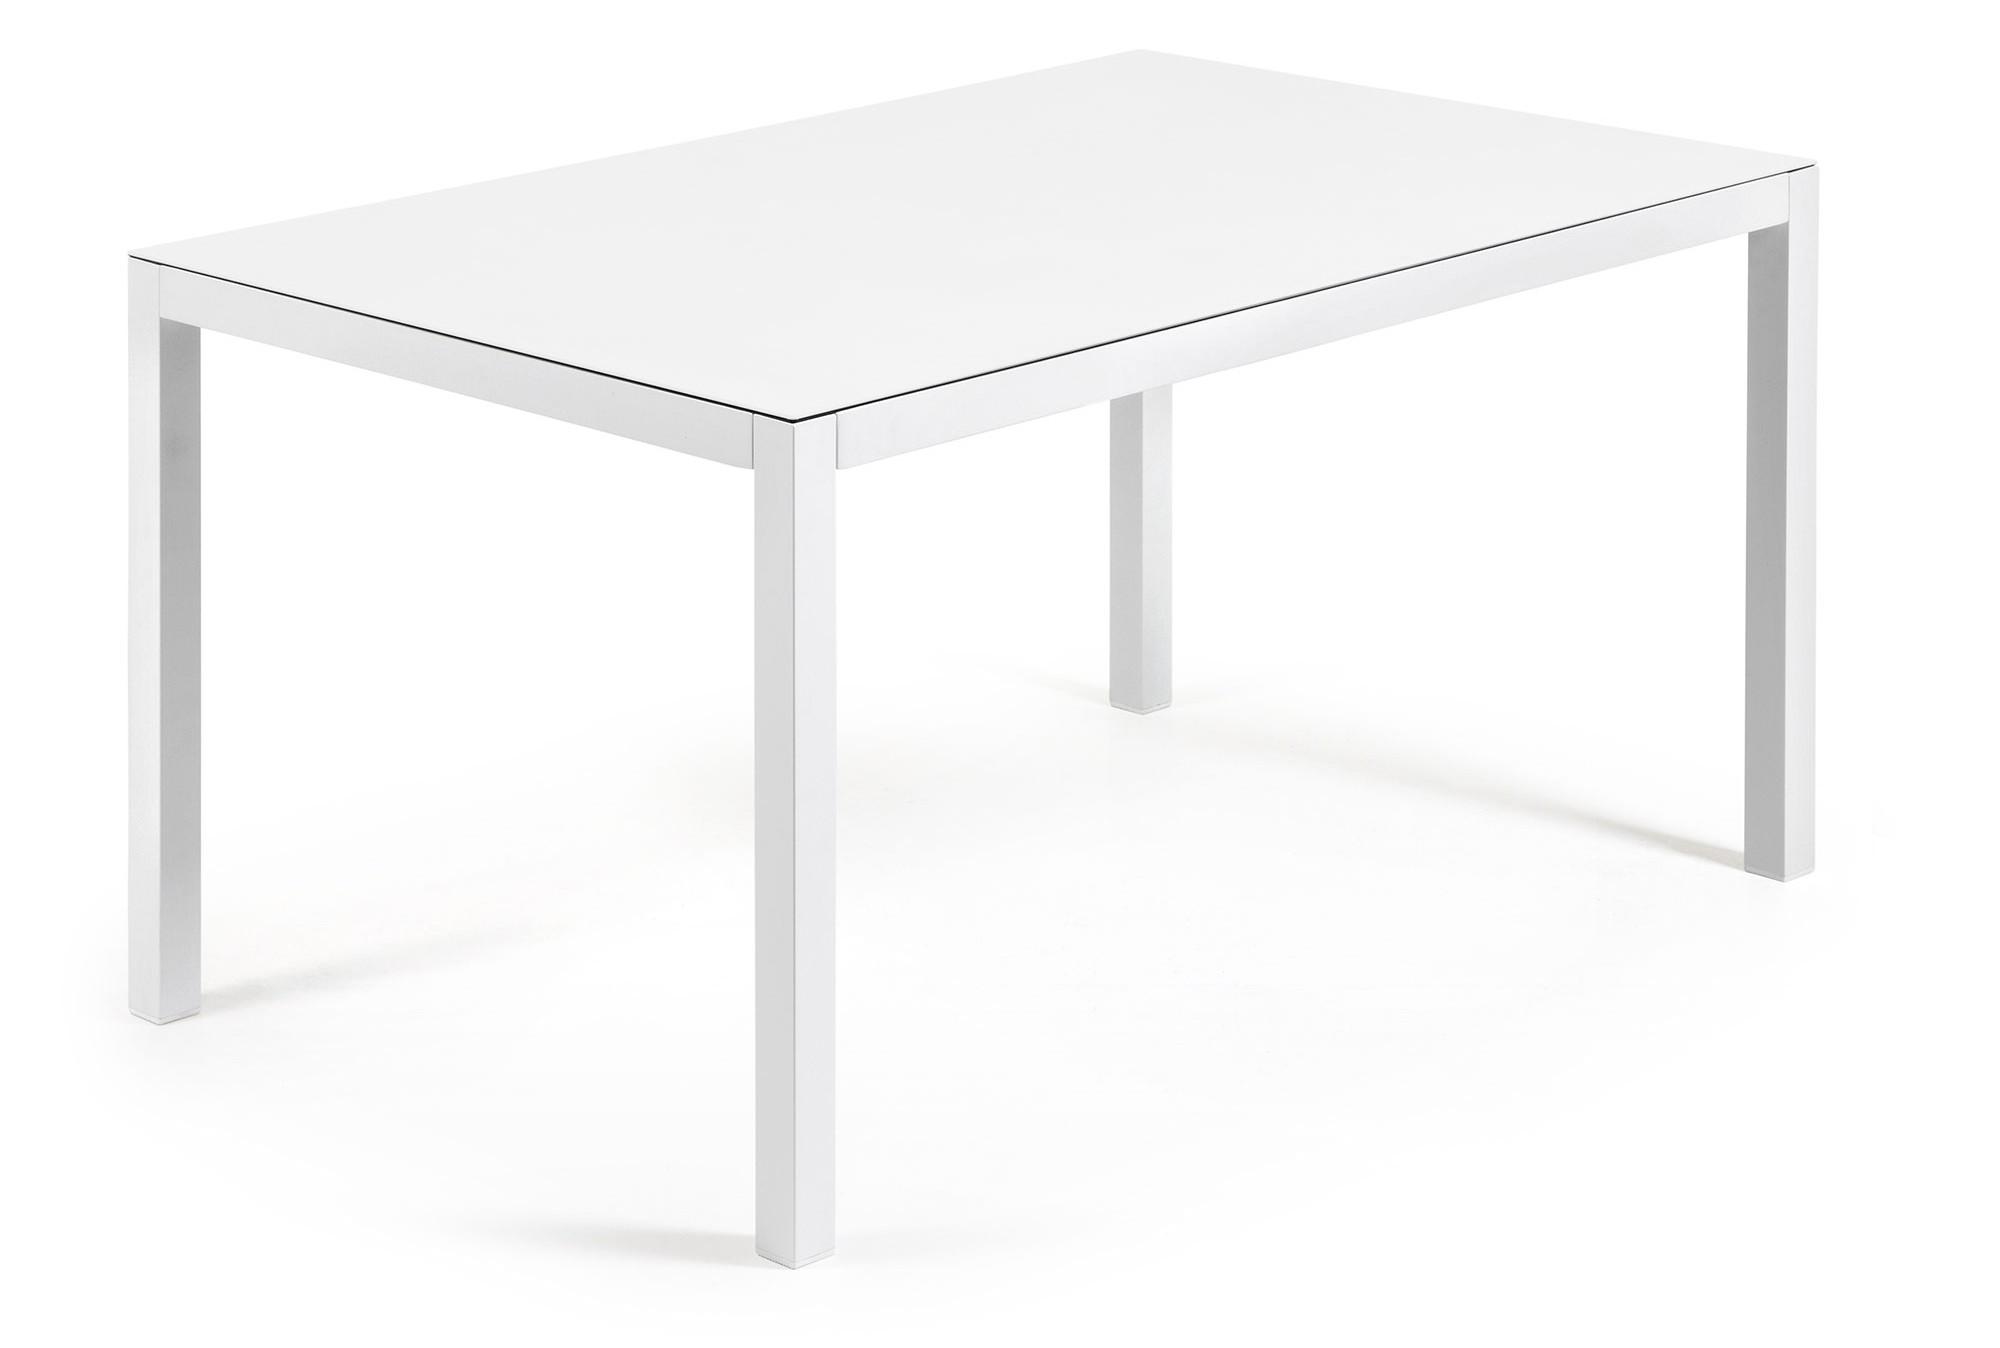 Blanco de 140 X 90 cm.